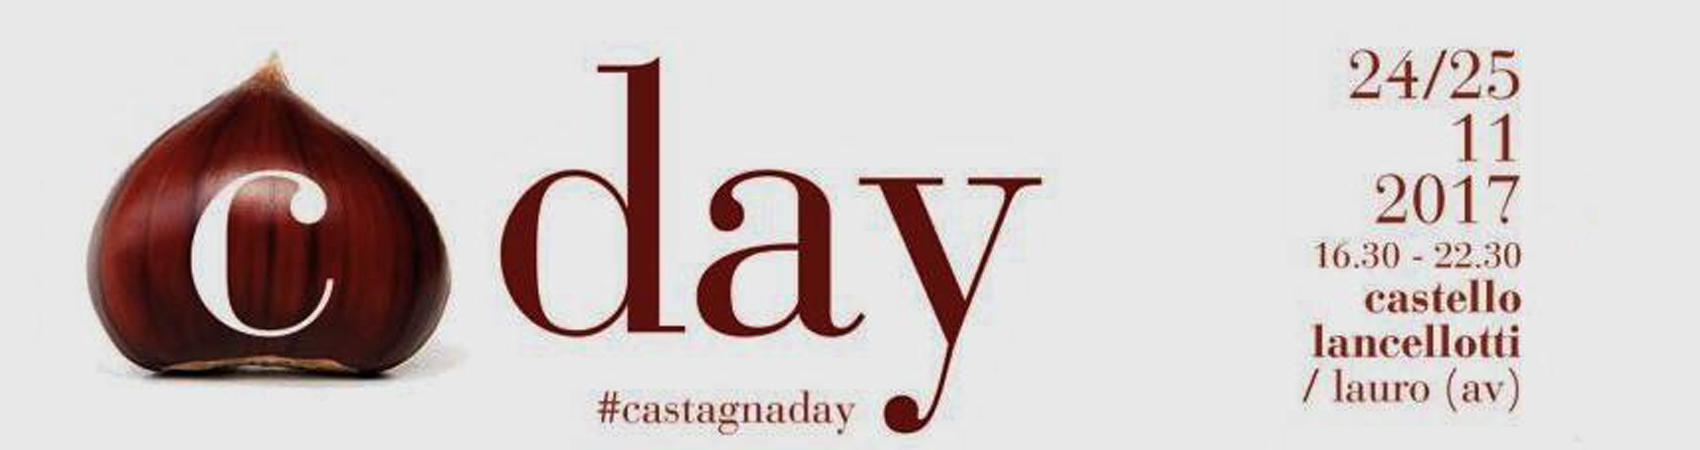 Castagnaday al Castello Lancellotti